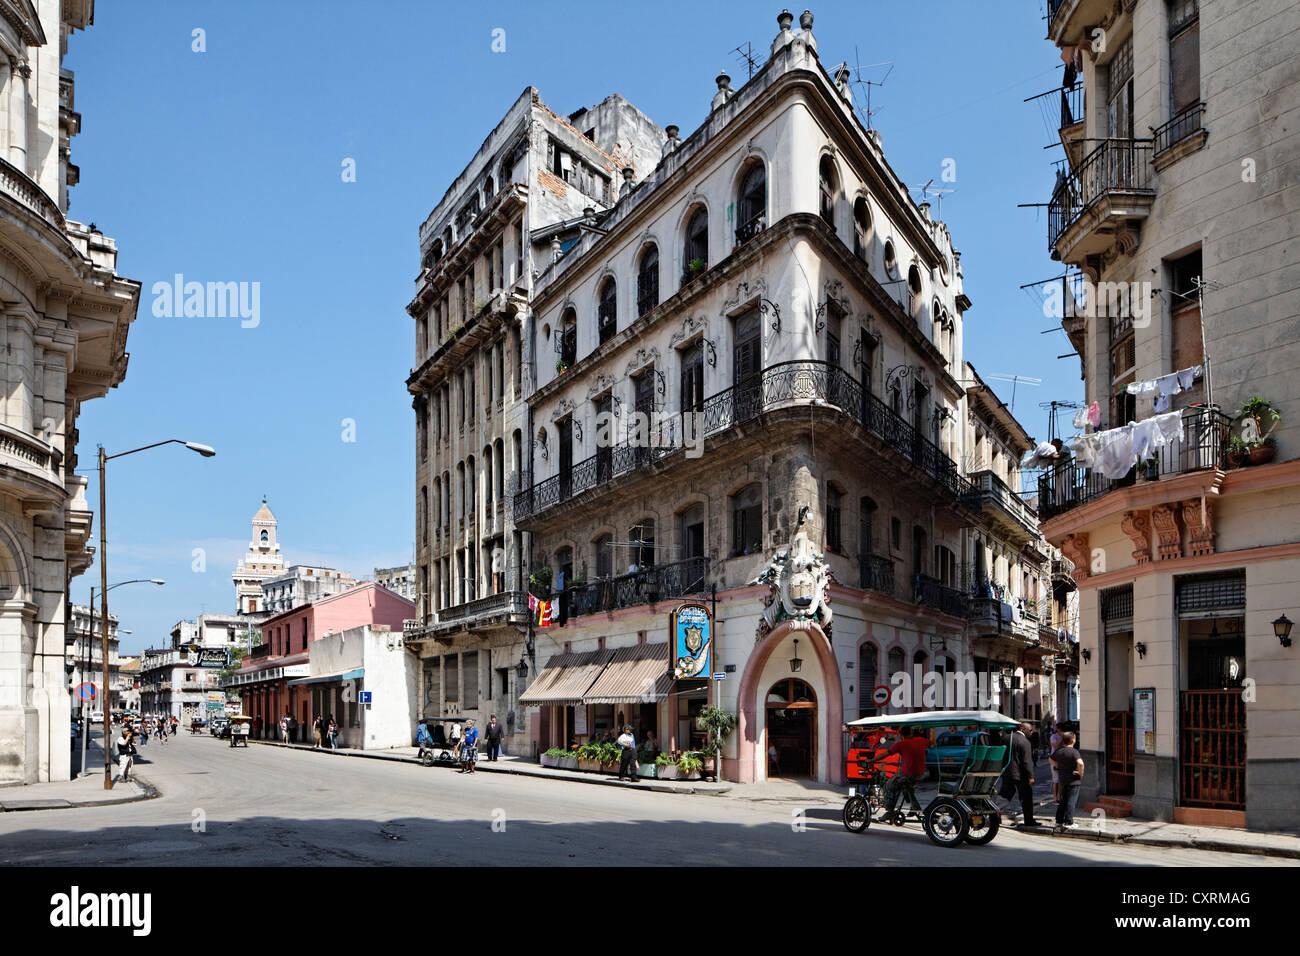 Calle típica con el edificio neoclásico que data de los tiempos del feudalismo, Castillo de Farnes Restaurante, Imagen De Stock